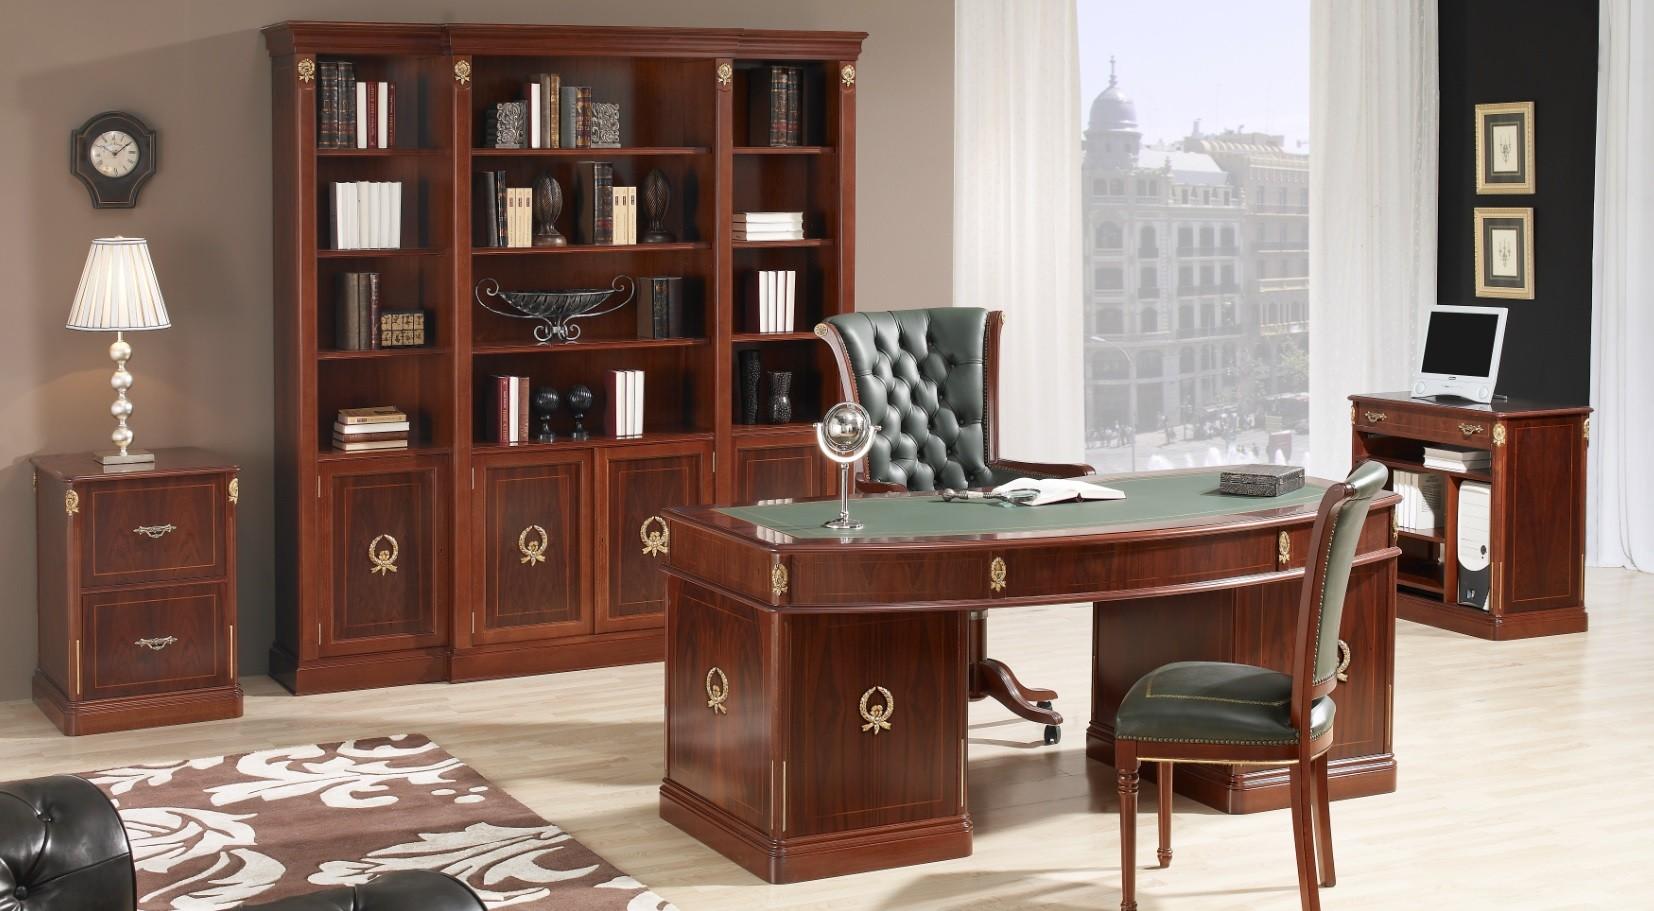 Mesas de despacho cl sicas espacios de trabajo acogedores for Como decorar mi despacho